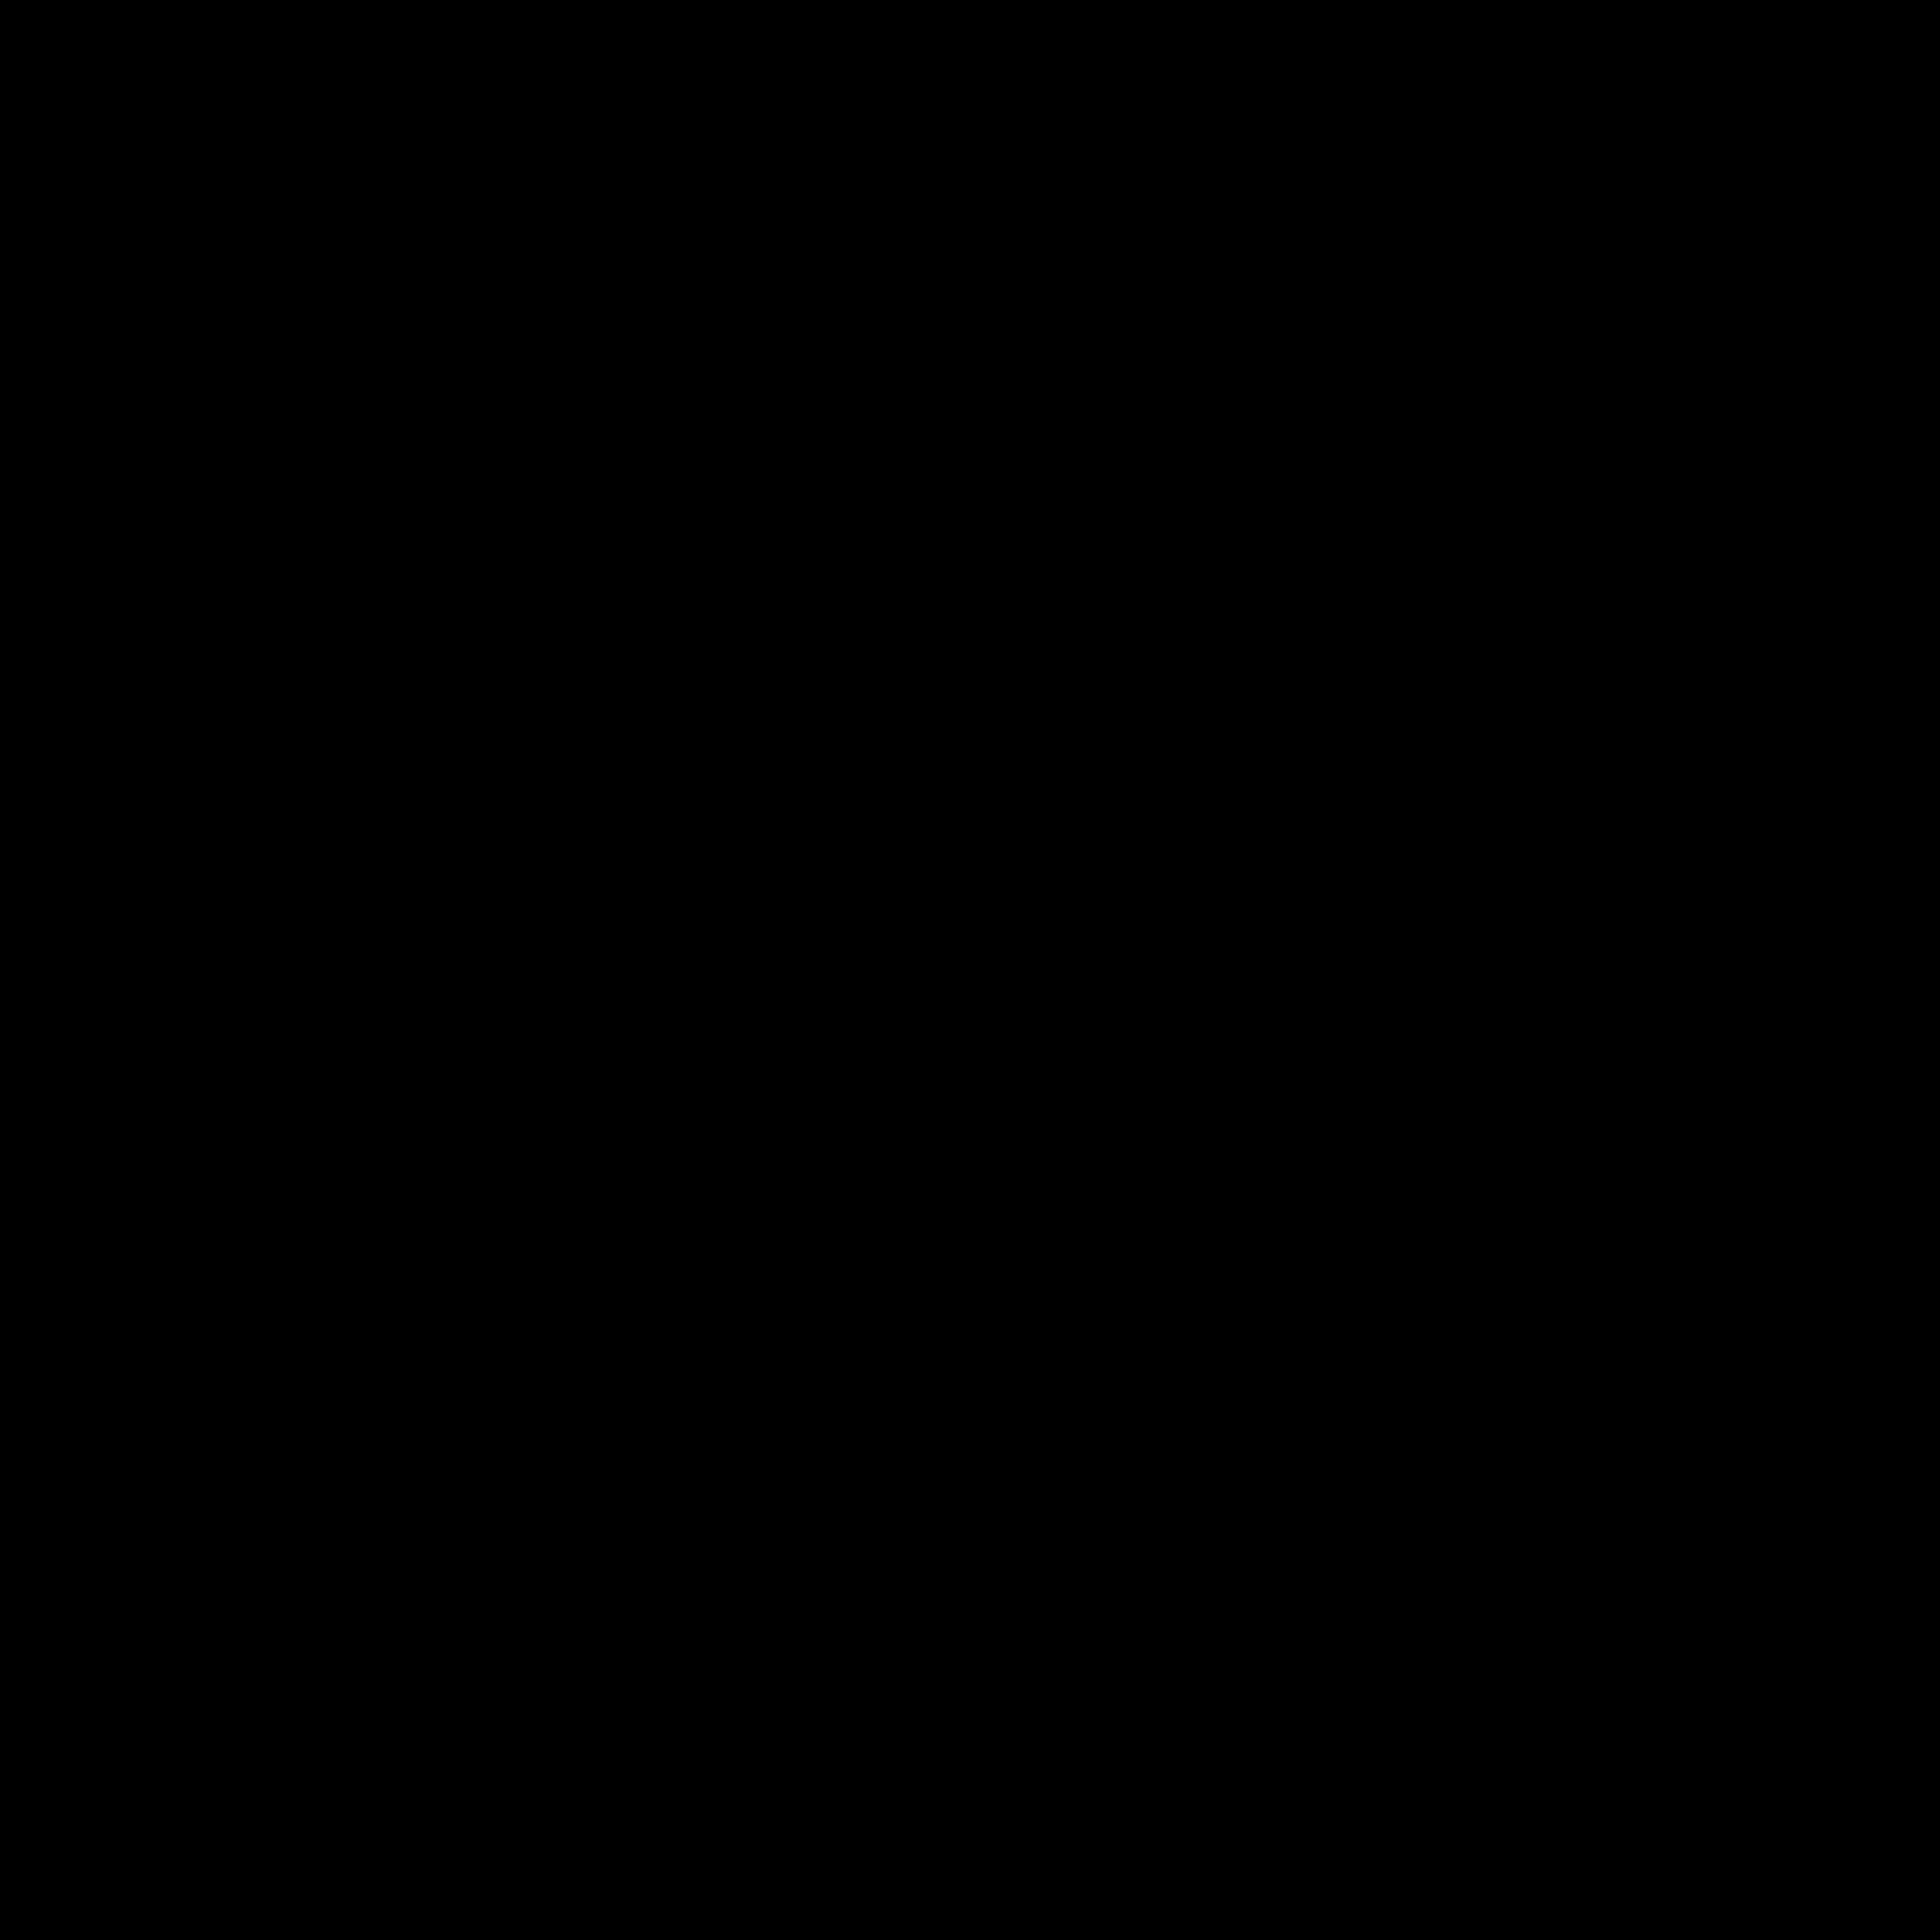 skywalker trampolines 12 u0027 round trampoline with enclosure